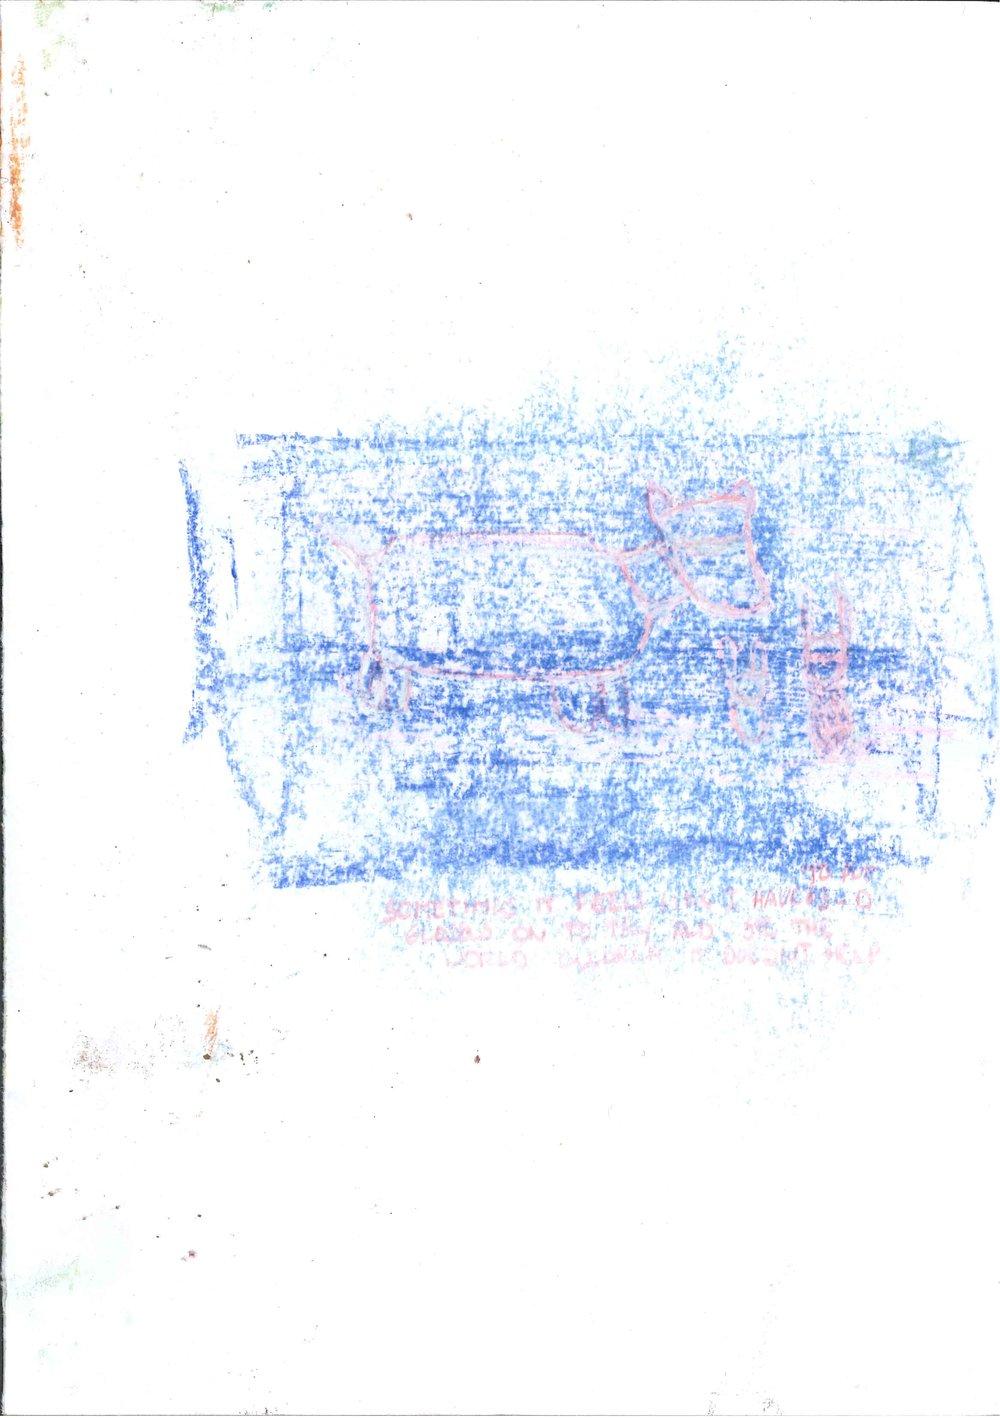 kijk - 3 december - 8.jpg